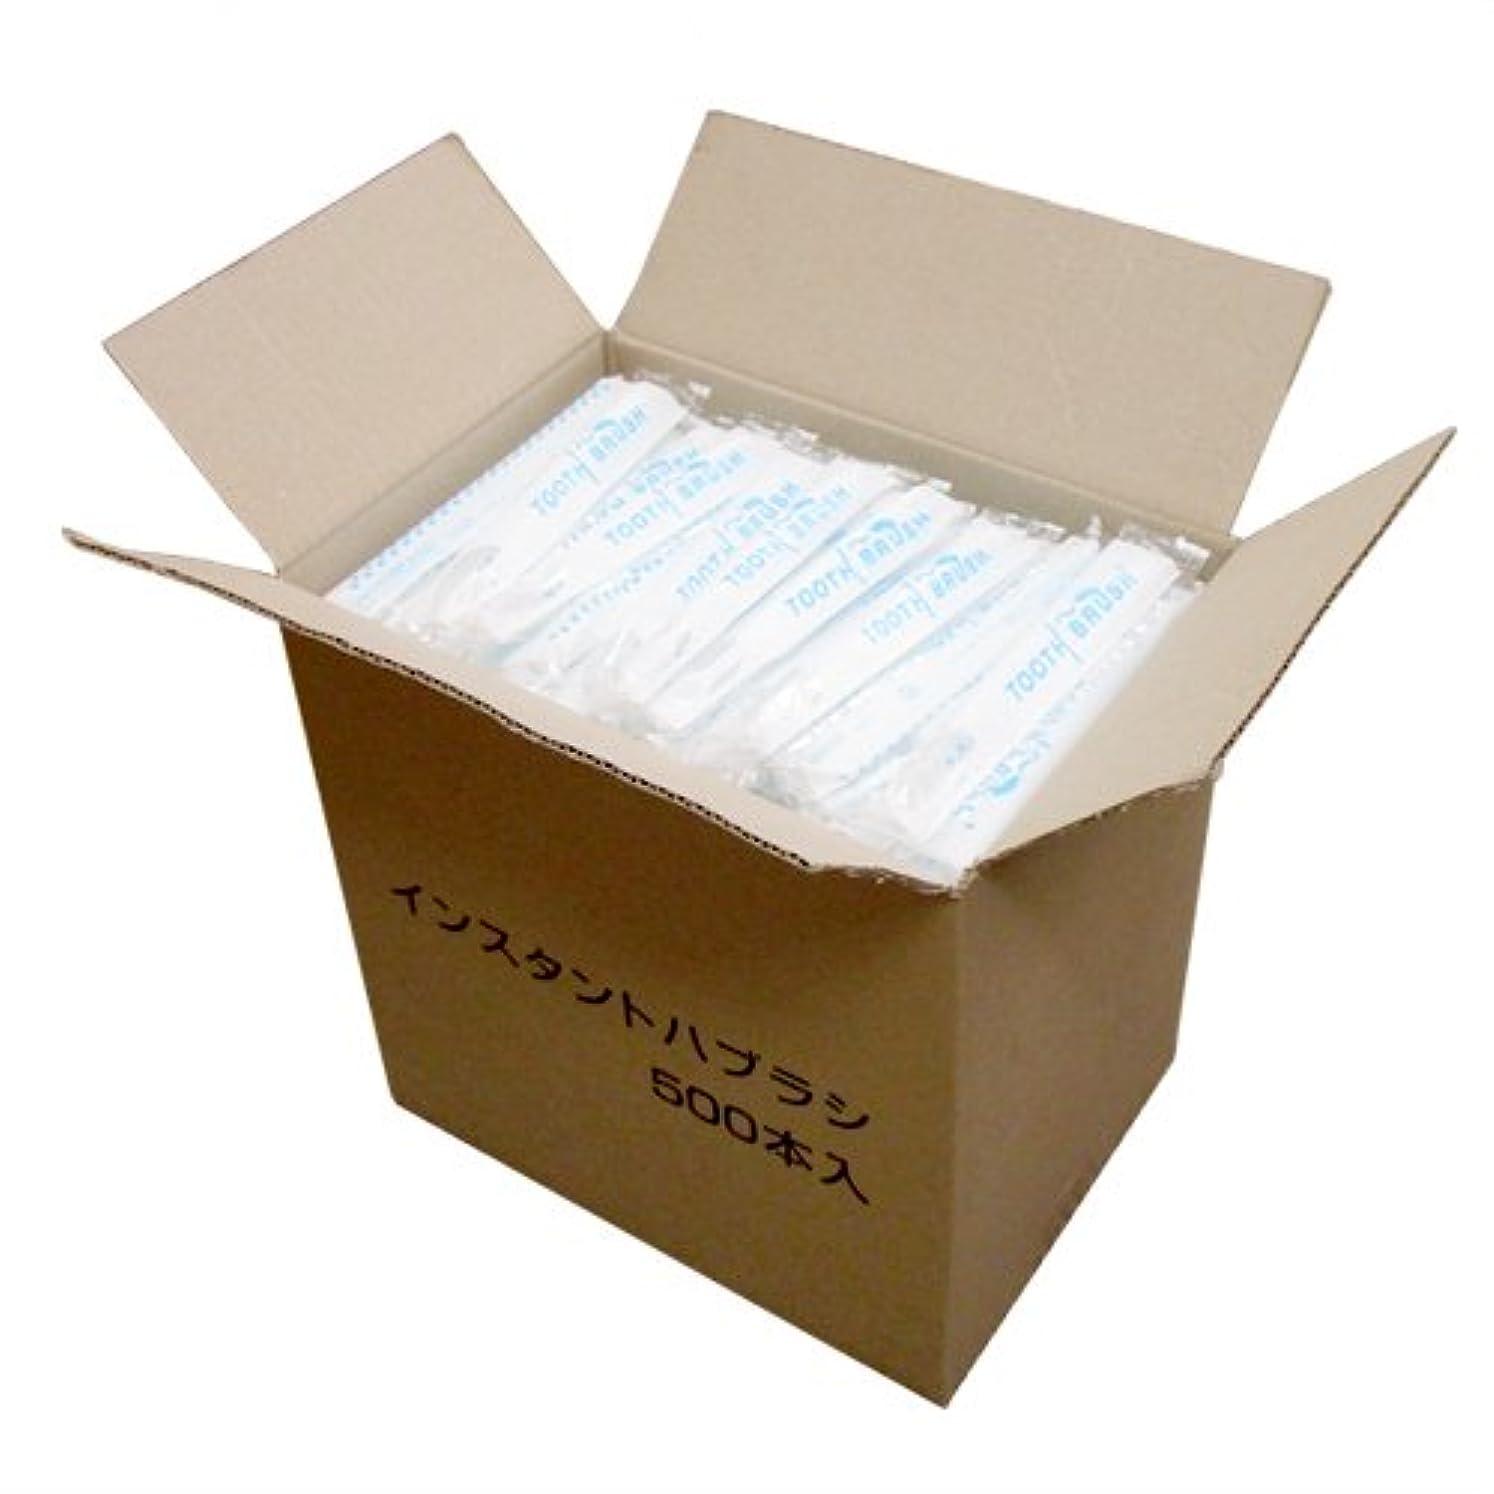 小康願う罰する業務用 日本製 使い捨て粉付き歯ブラシ 個包装タイプ 500本入×8箱 (4000本入)│ホテルアメニティ